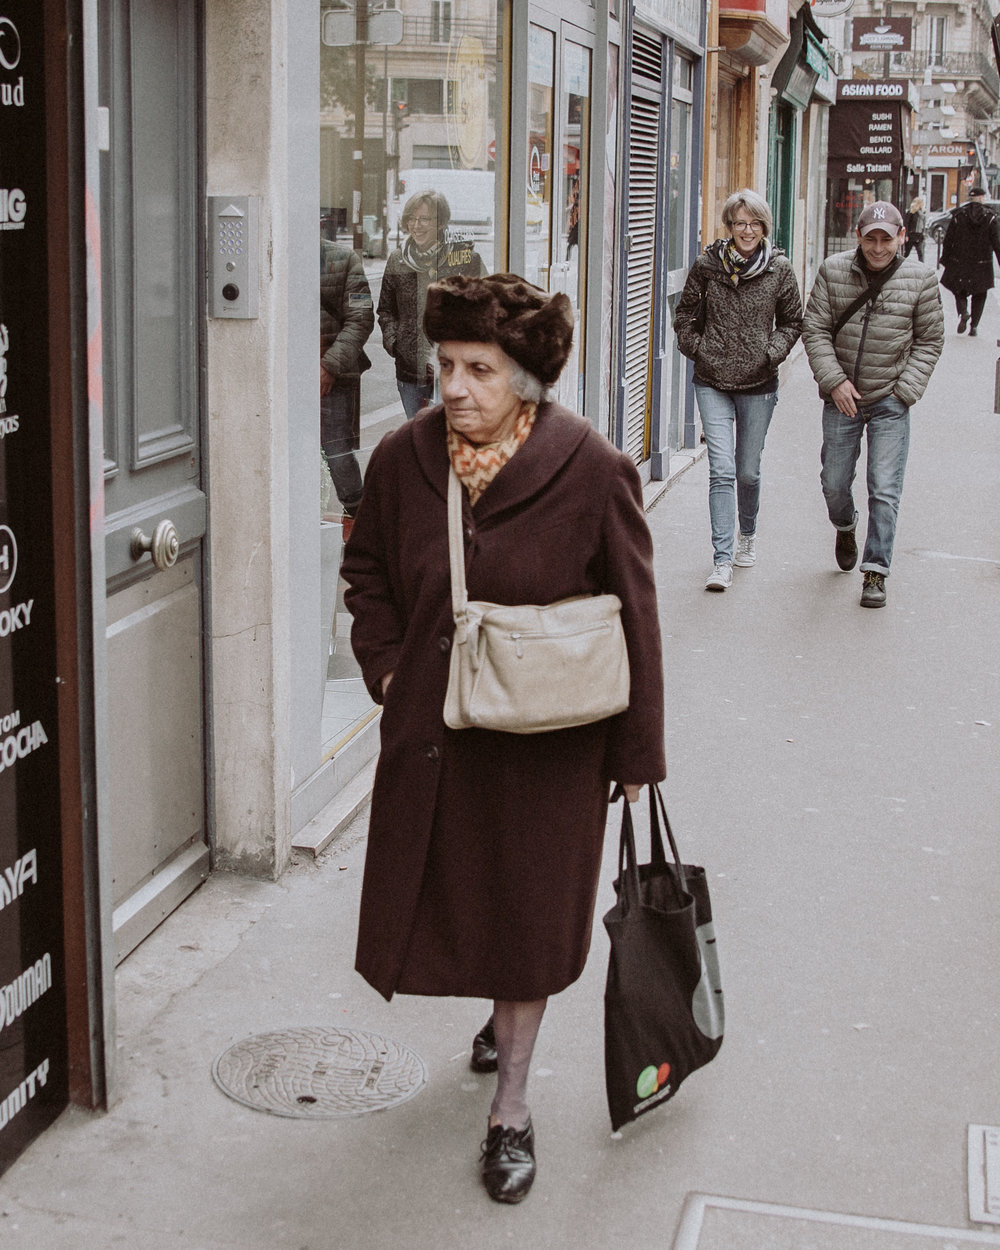 ParisPeople (1 of 19).jpg